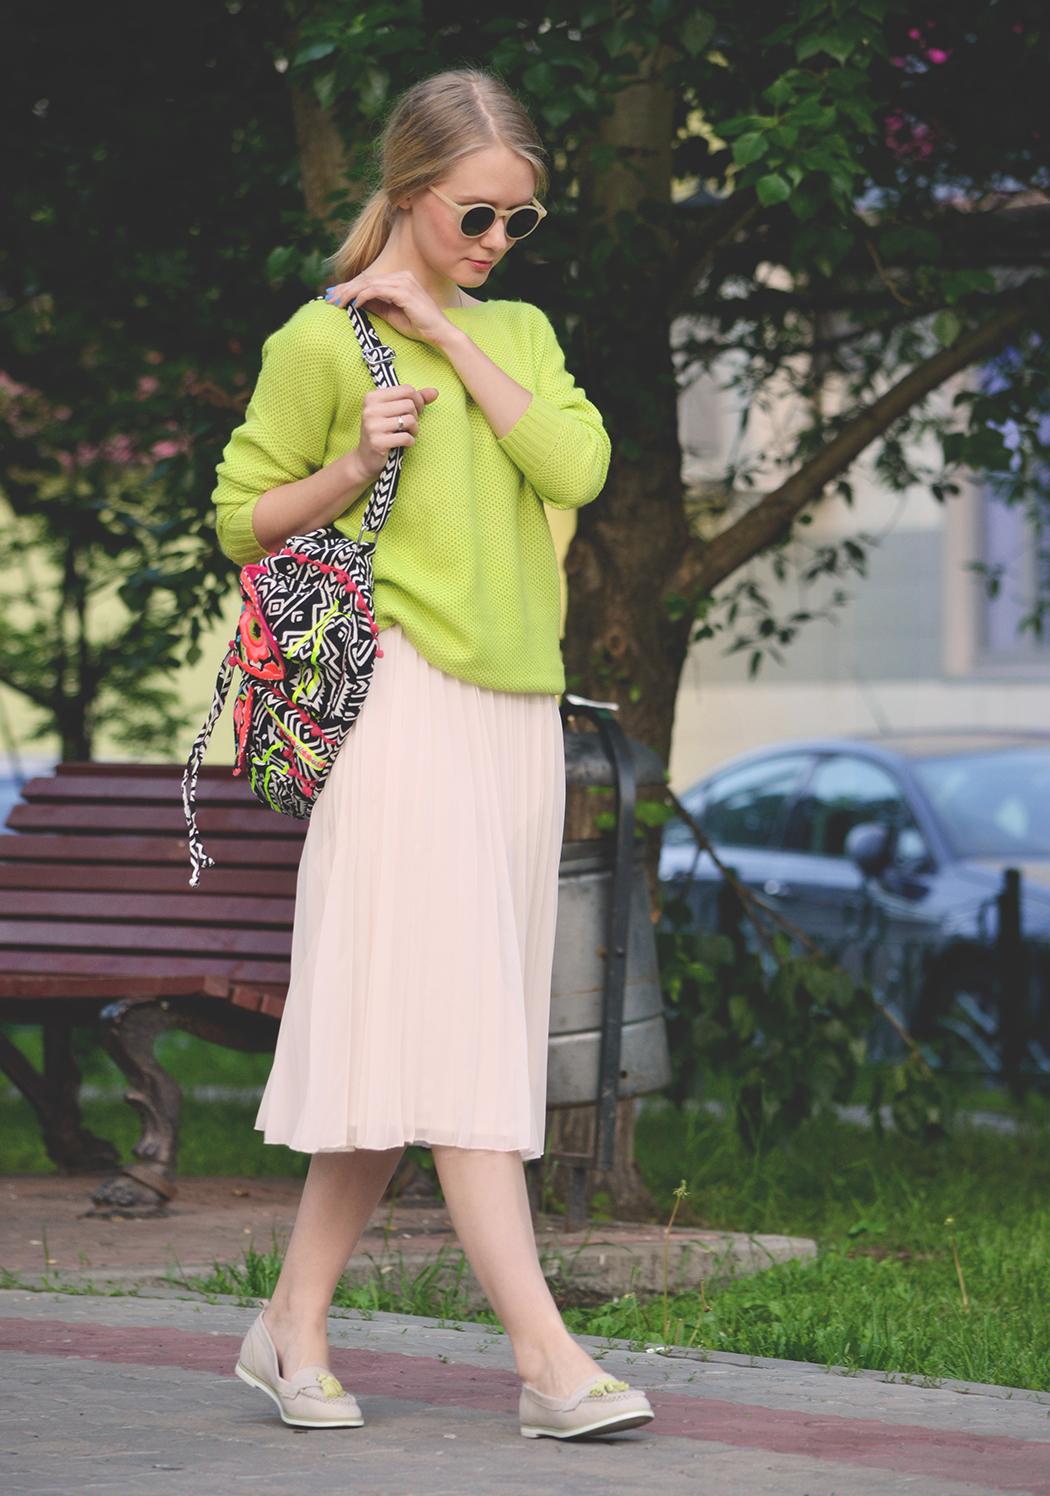 inspiration, streetstyle, spring outfit, moscow fashion week, annamidday, top fashion blogger, top russian fashion blogger, фэшн блогер, русский блогер, известный блогер, топовый блогер, russian bloger, top russian blogger, streetfashion, russian fashion blogger, blogger, fashion, style, fashionista, модный блогер, российский блогер, ТОП блогер, ootd, lookoftheday, look, популярный блогер, российский модный блогер, russian girl, с чем носить миди-юбку, как одеться весной, модные весенние аксессуары, миди юбка, красивая девушка, русская девушка